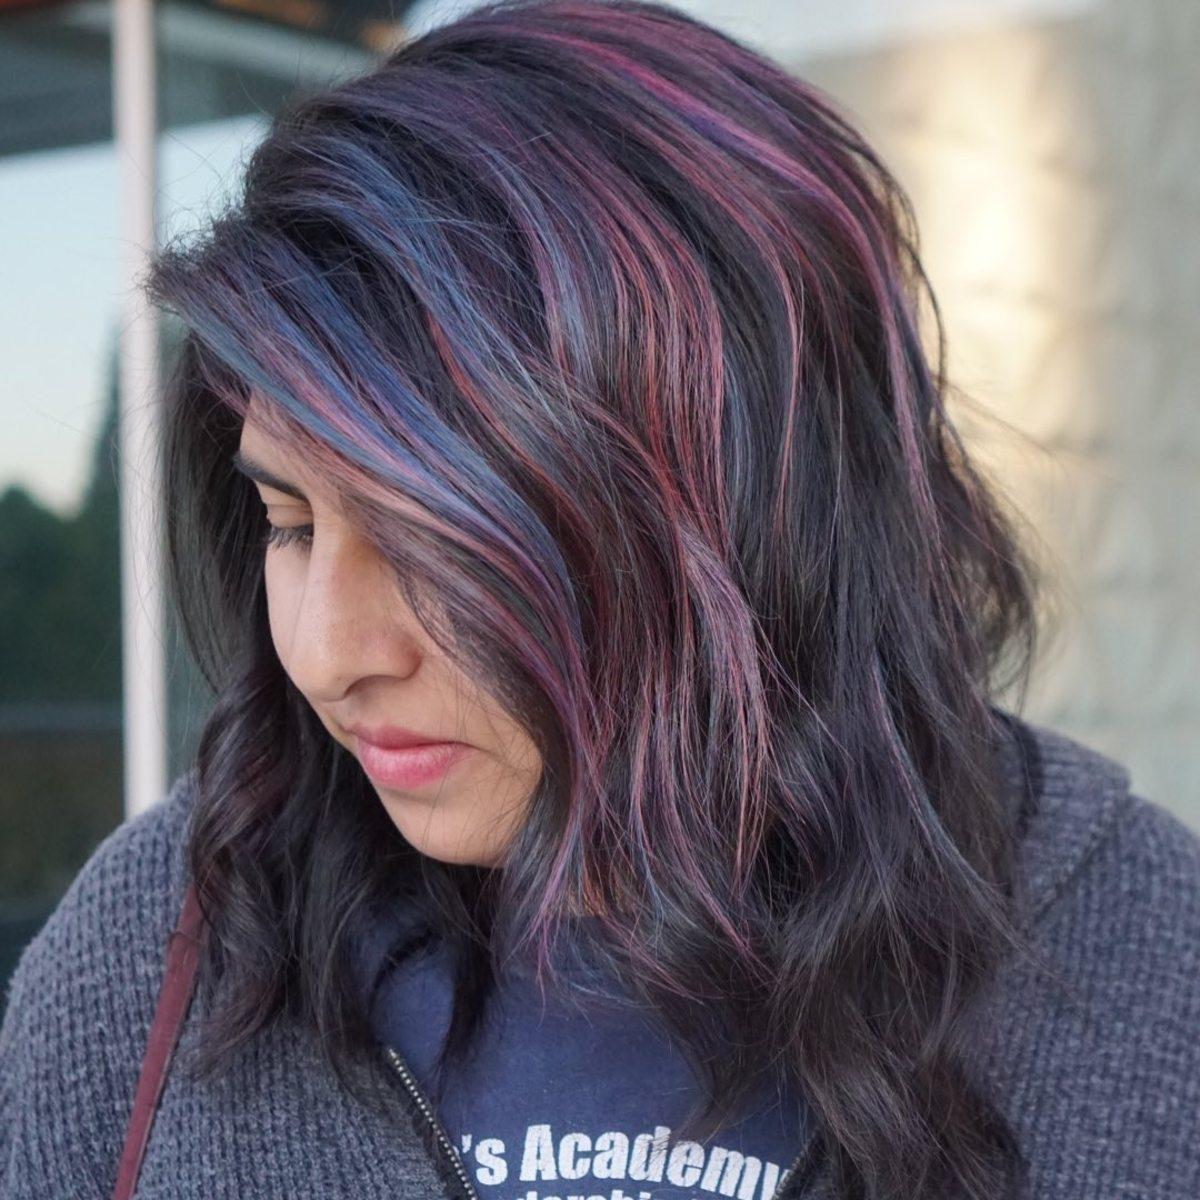 Mélange d'accents rouges et bleus sur une crinière mi-longue